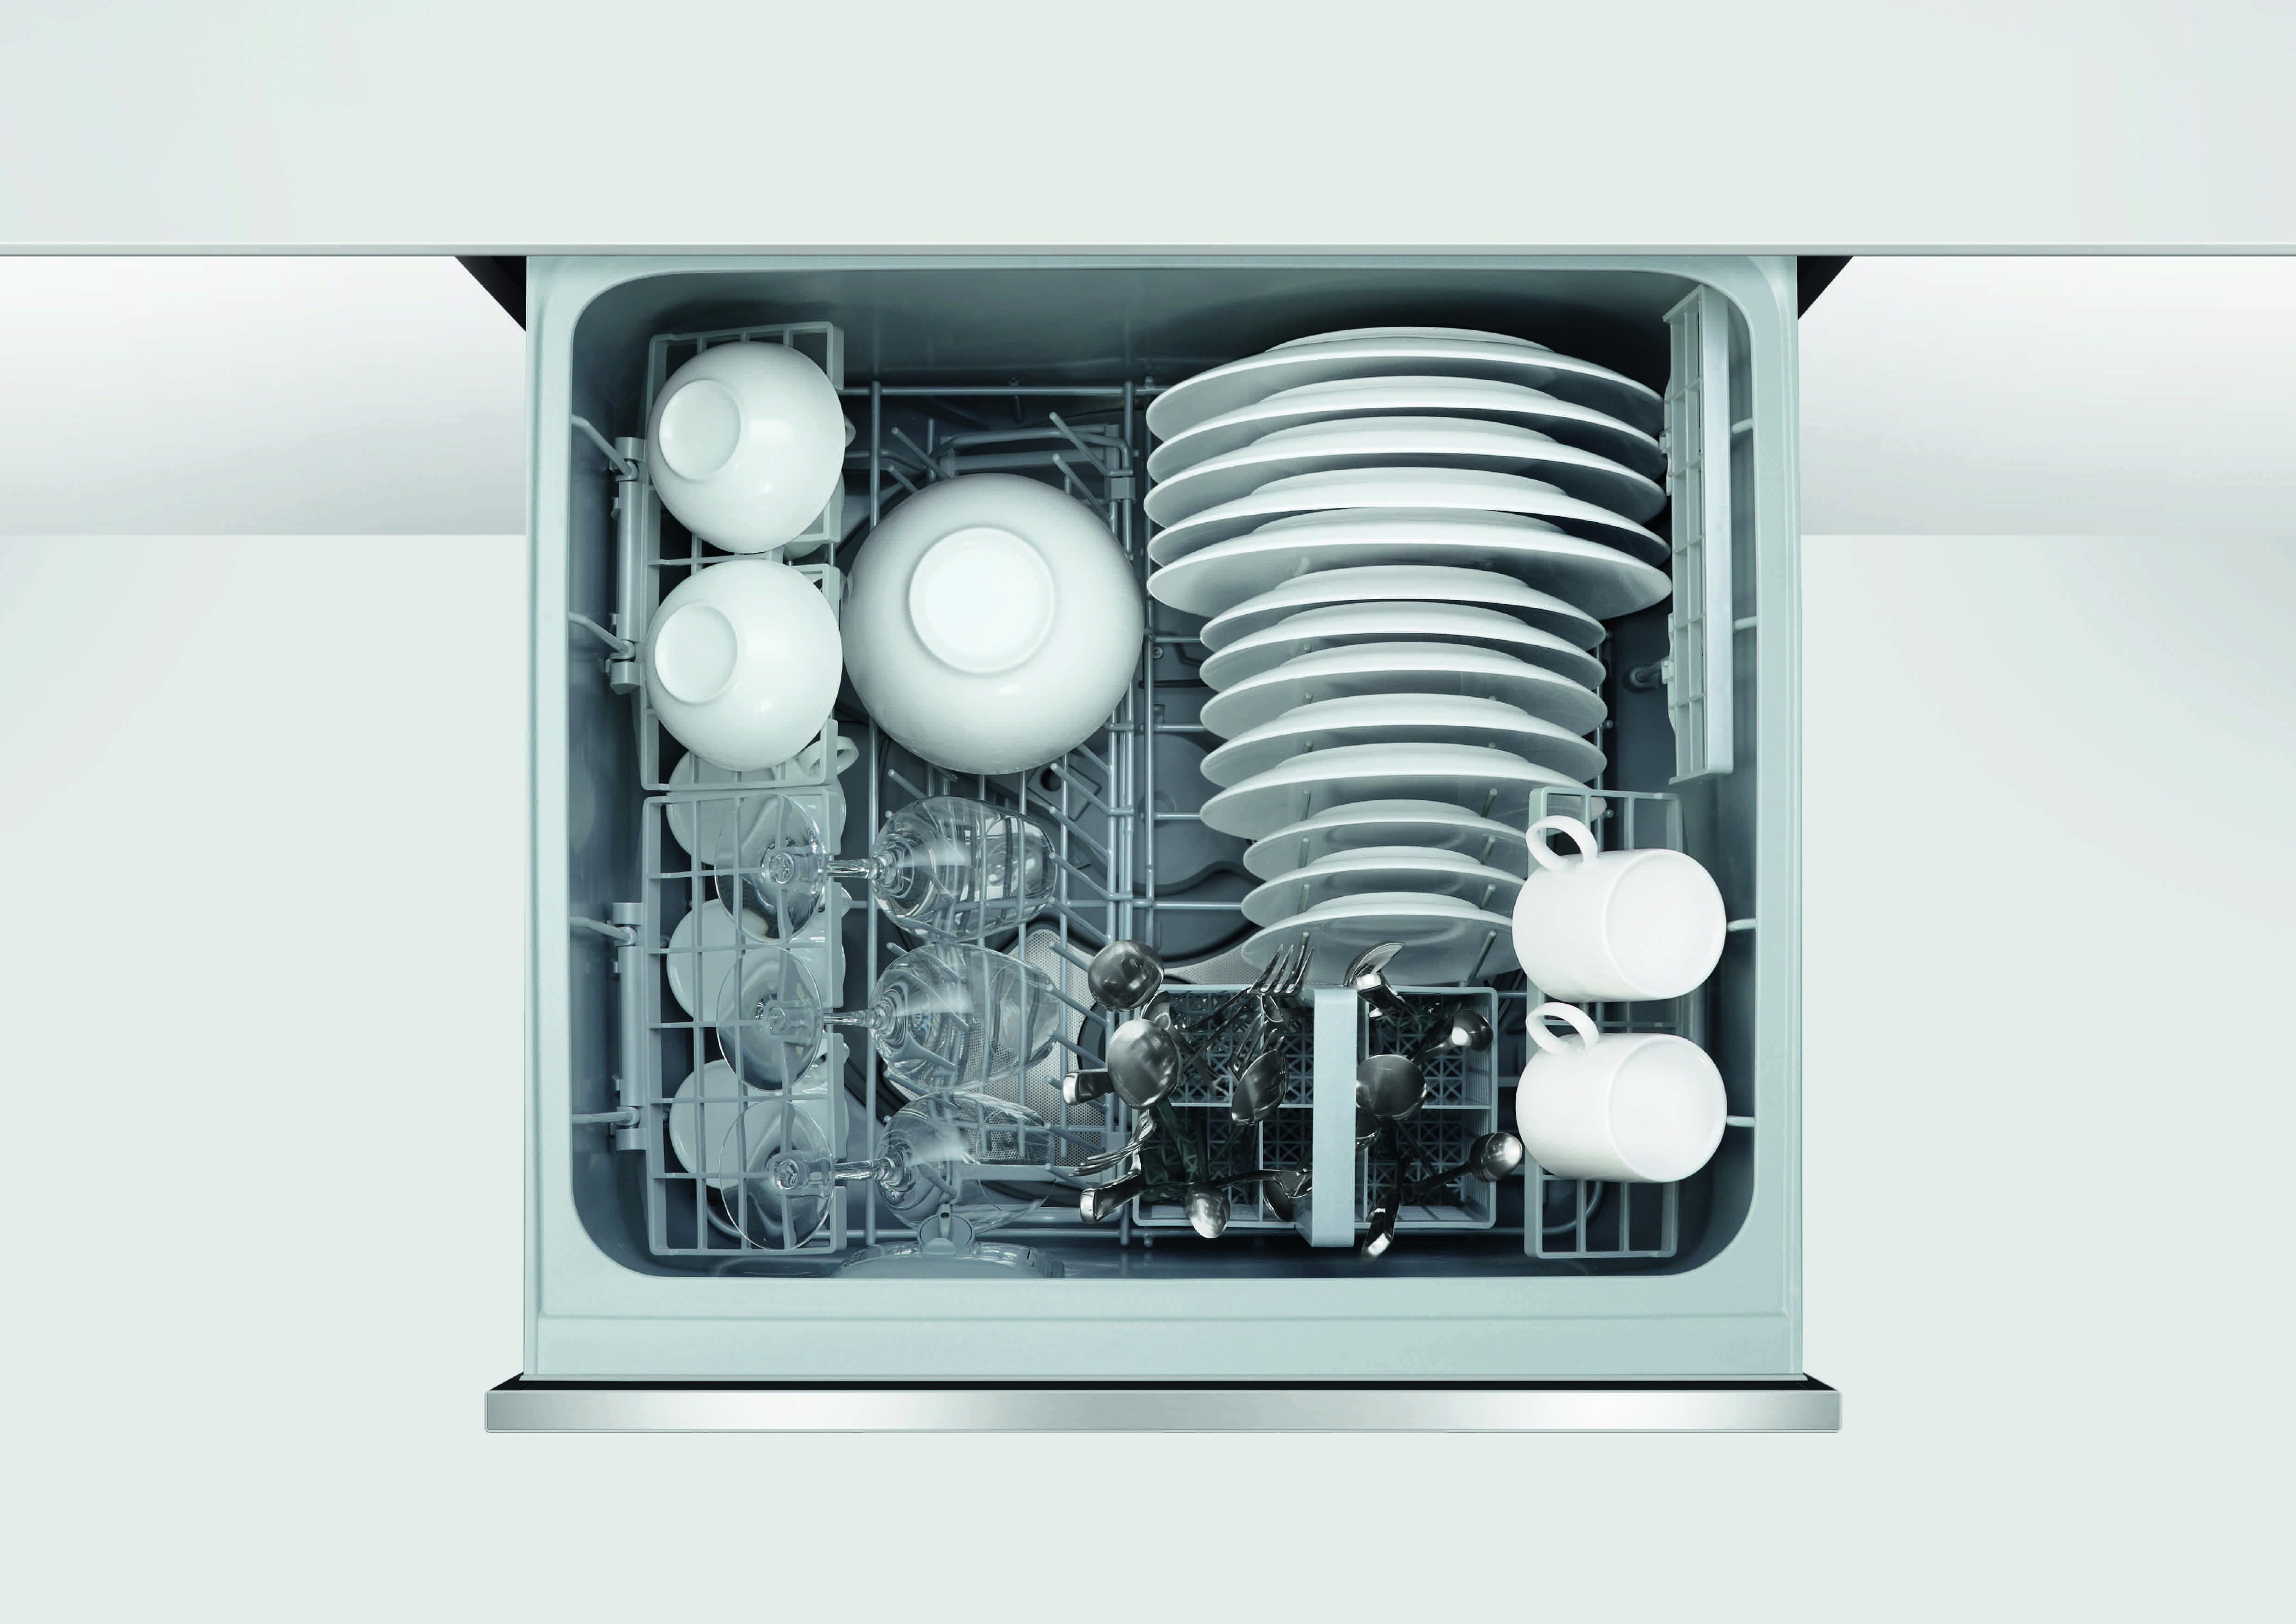 double single axiomaticaorgkitchenaid co kitchenaid drawers manual imbundle drawer troubleshooting dishwasher